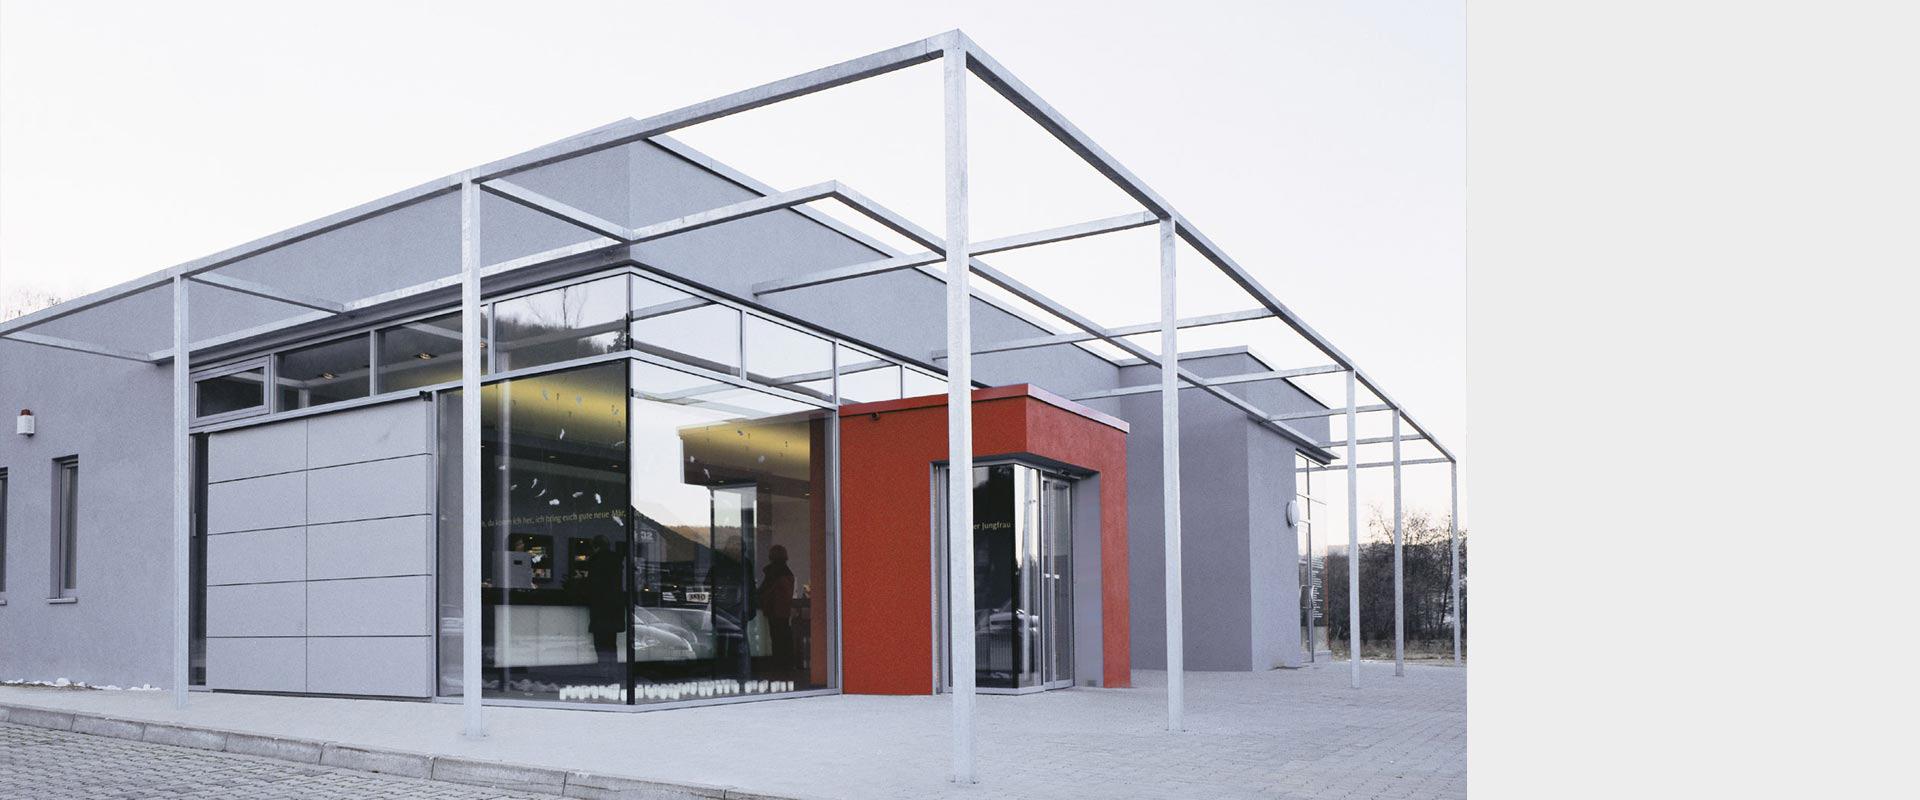 architekturbuero_henning_musahl_deuzer13